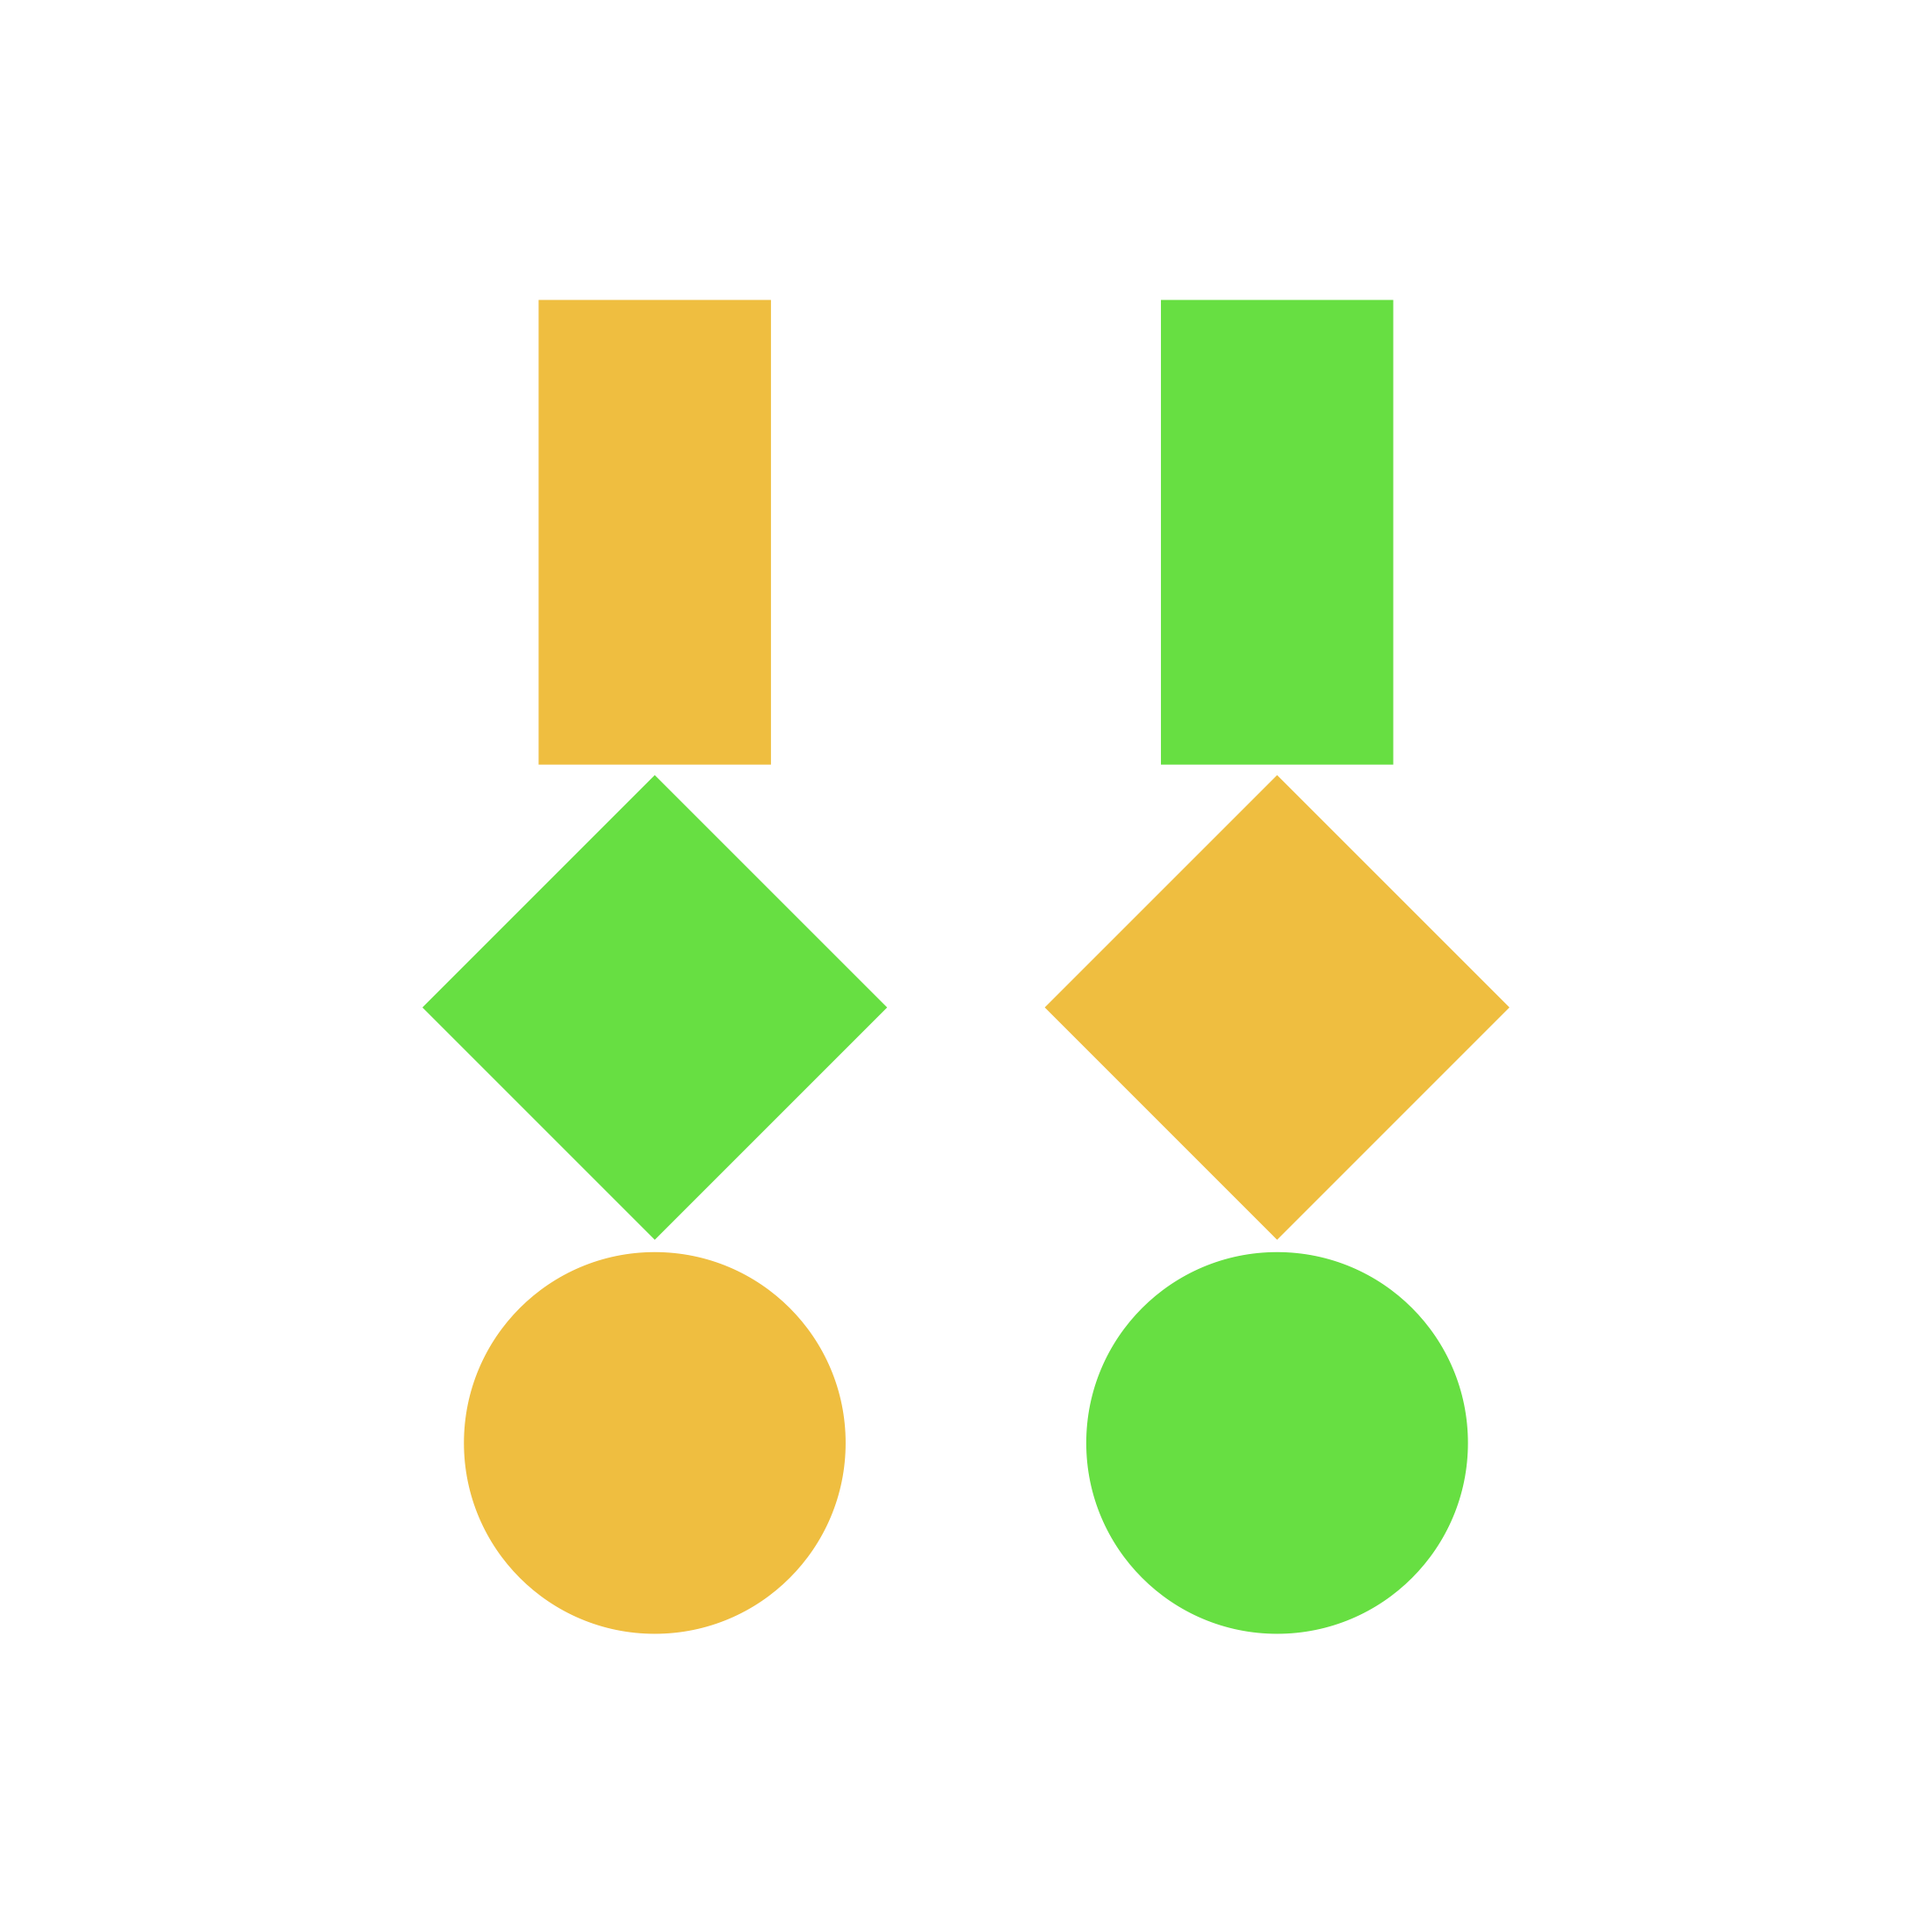 Drei geometrische Figuren · Gelb und Grün · Weißer Hintergrund